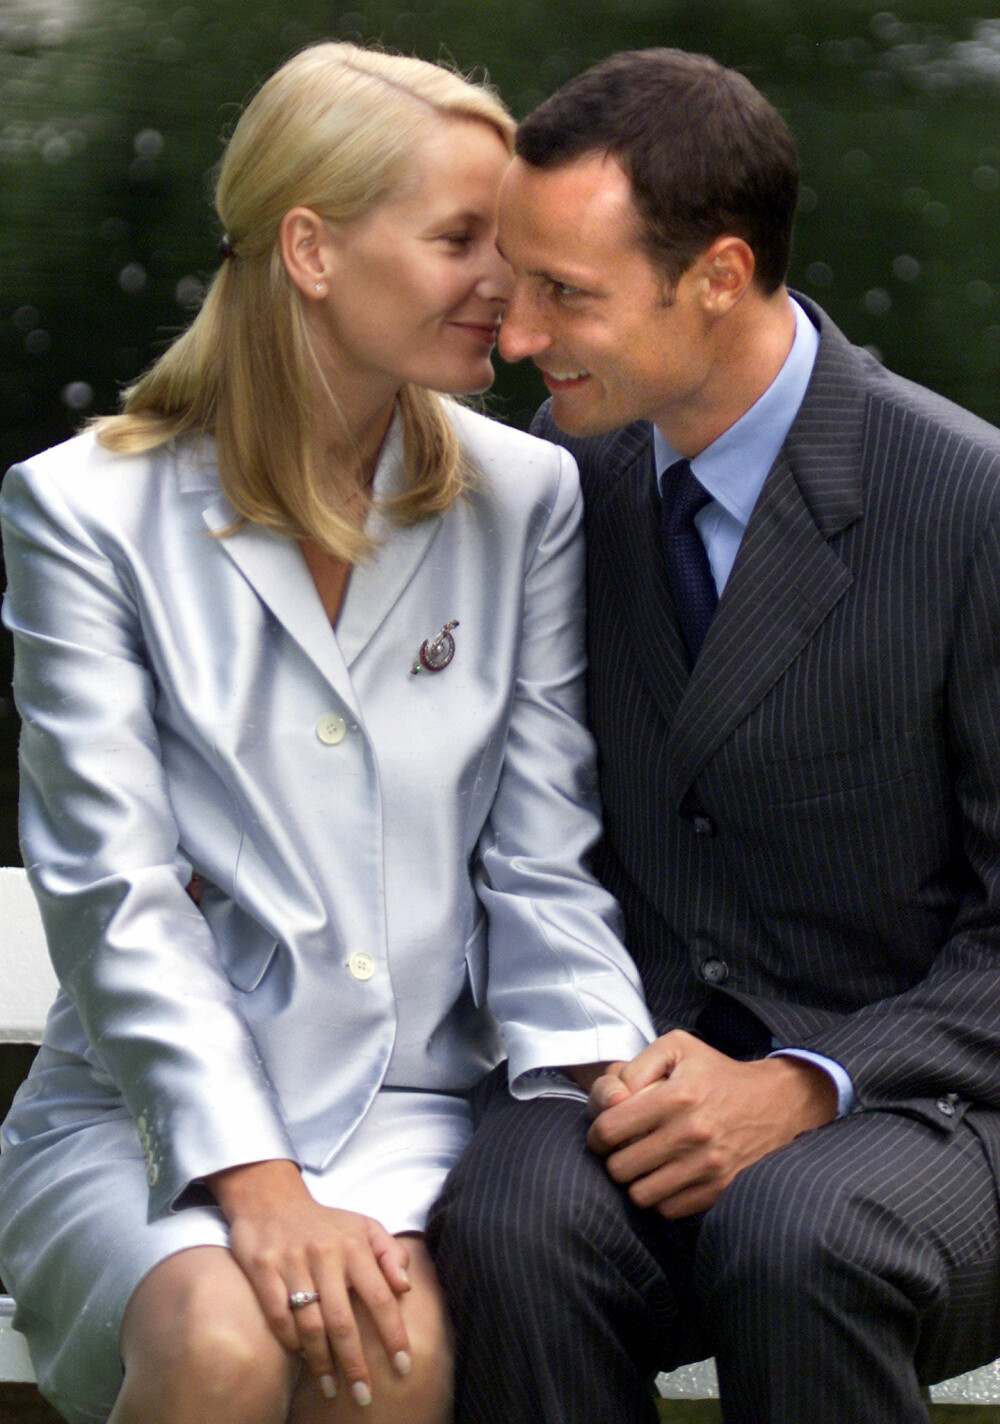 SPENTE: Det var bare tre dager igjen til det kongelige bryllupet da Mette-Marit og Haakon stilte opp til fotografering i Slottsparken etterfulgt av en direktesendt pressekonferanse på Det kongelige slott.